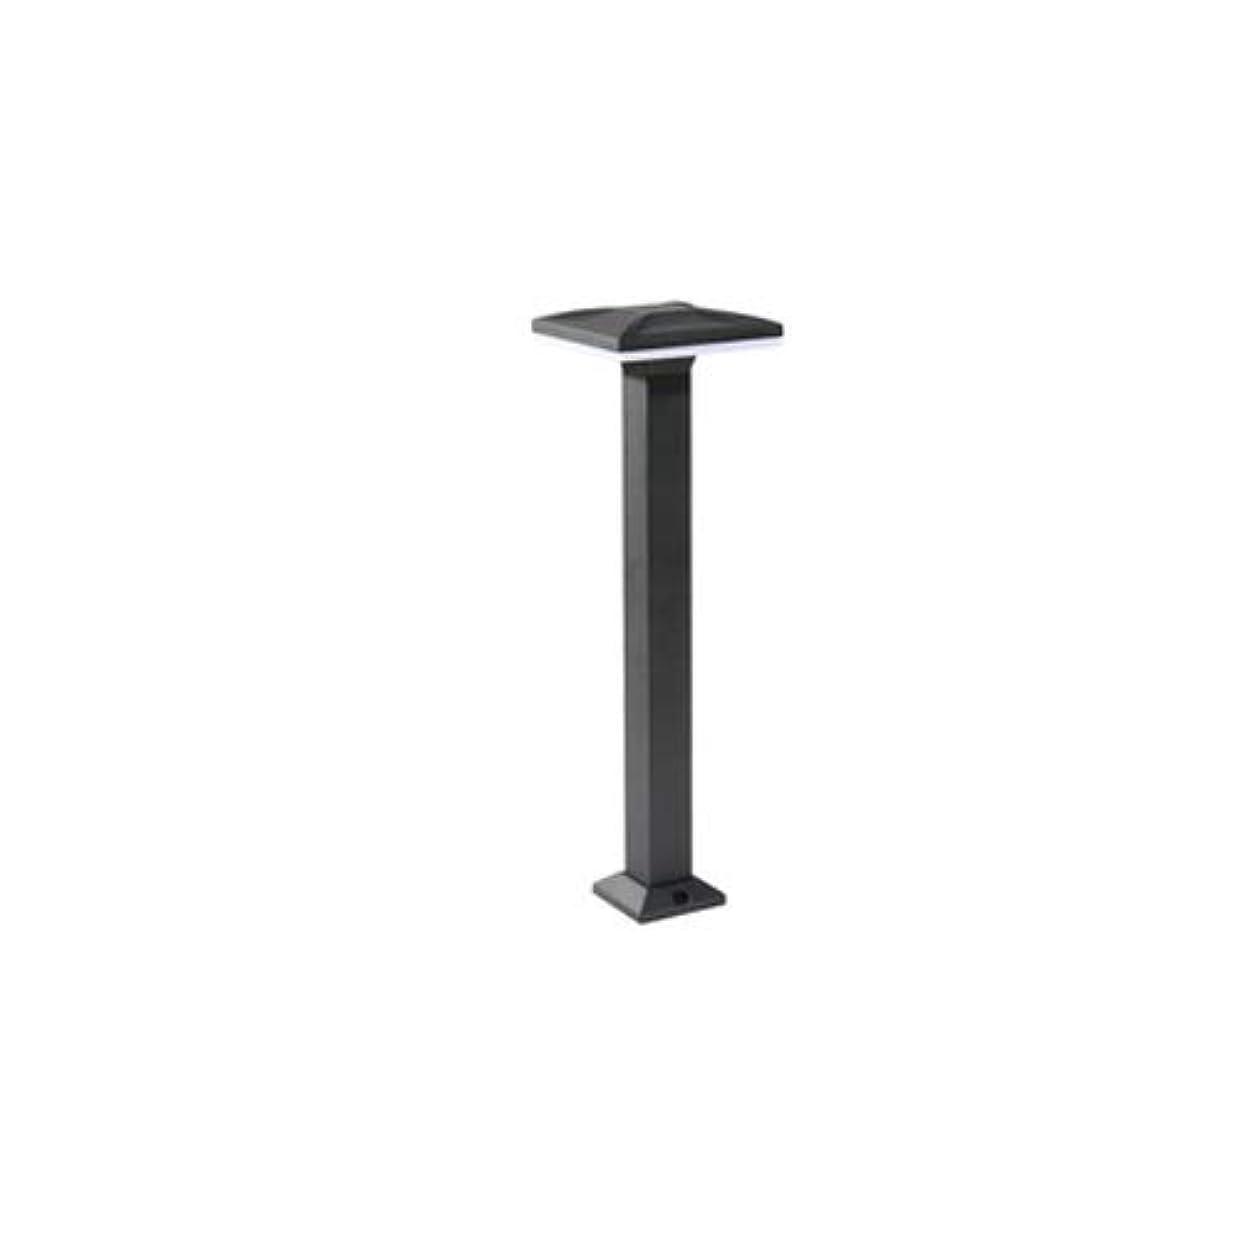 悲鳴本部終わりPinjeer Led 4スタイルオプションブラックアルミポストライト現代クリエイティブ屋外防水柱ライトガーデンパークストリート芝生ホームヴィラ装飾照明コラムランプ (Color : Style-D, サイズ : Warm light)